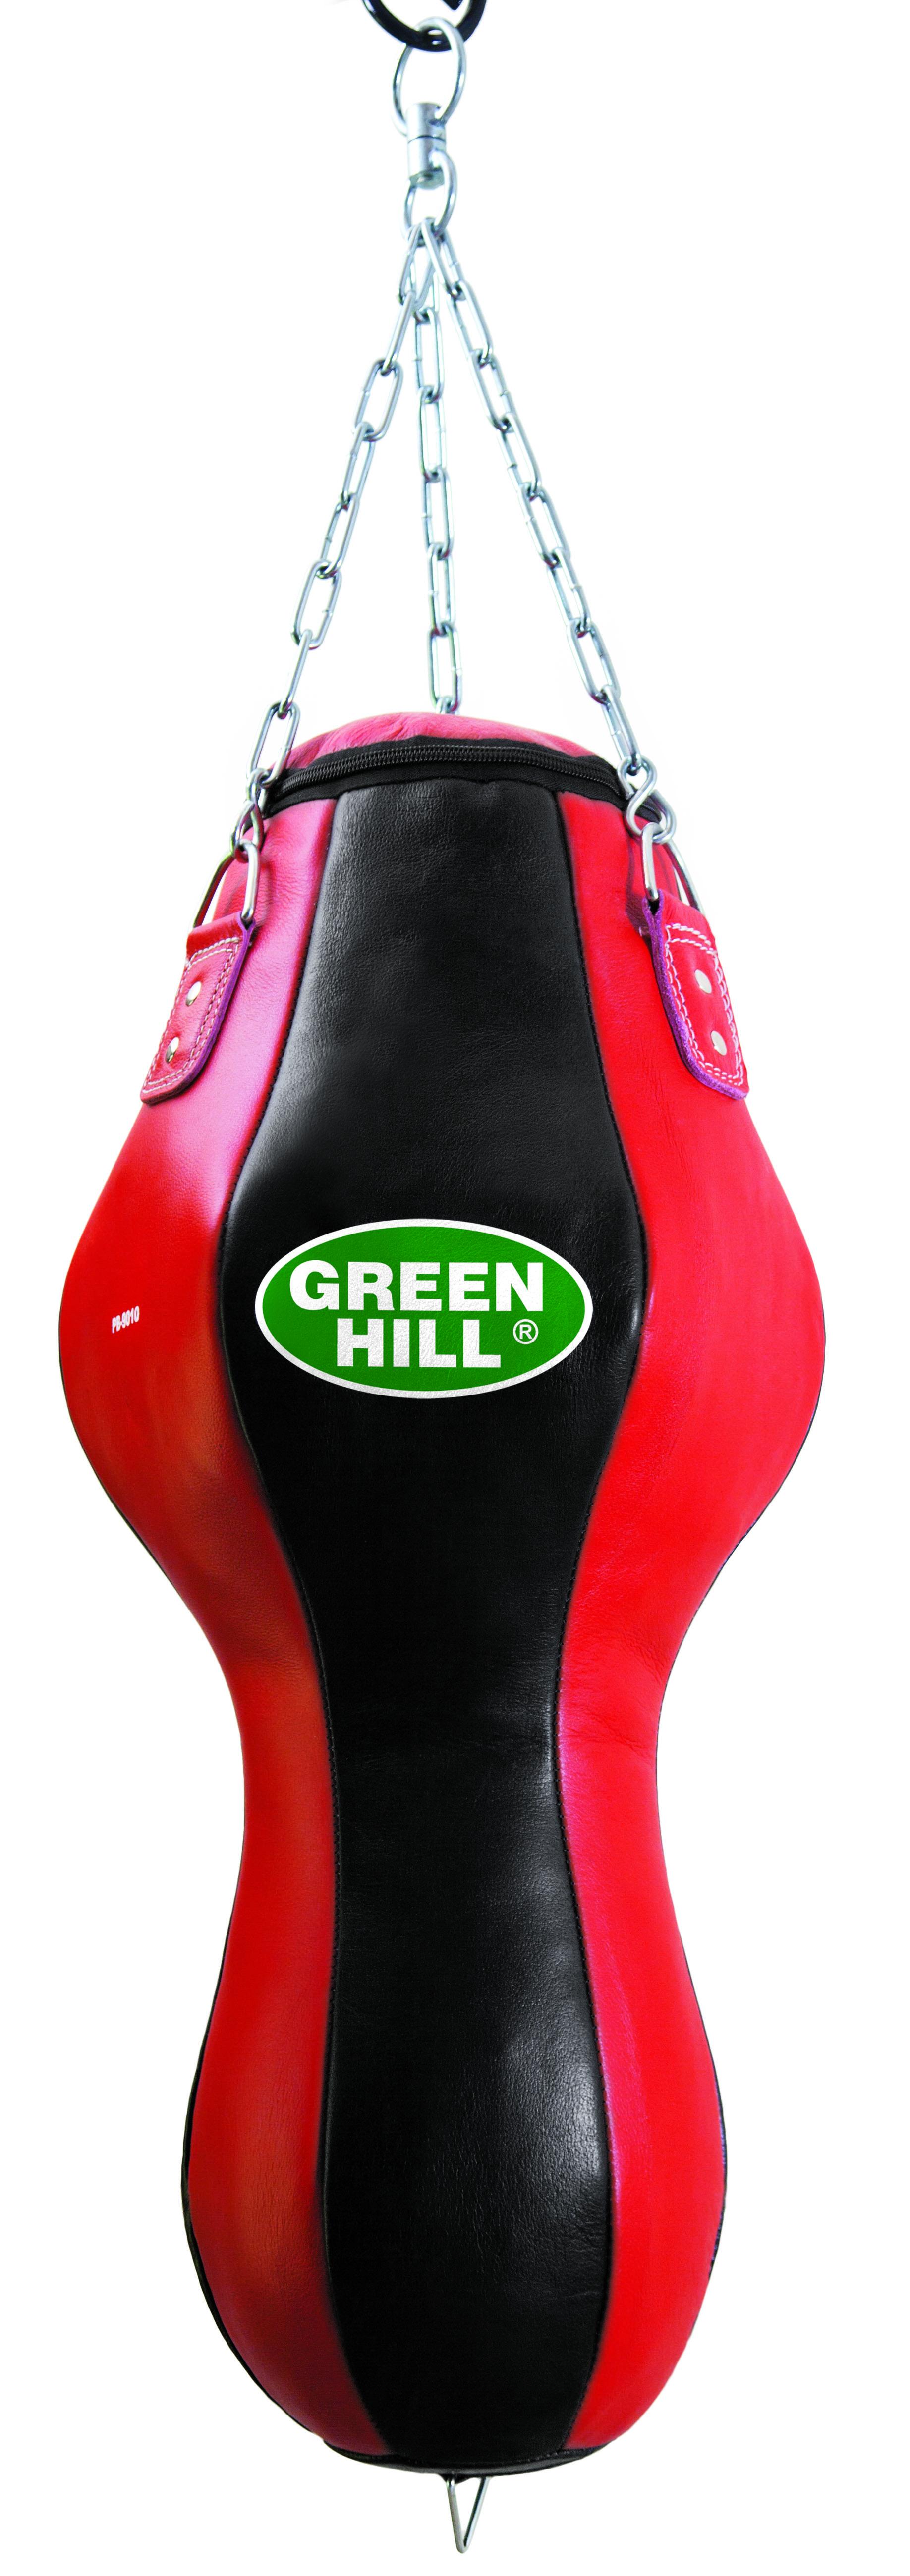 Green Hill Мешок набивной фигурный Green Hill, 25 кг